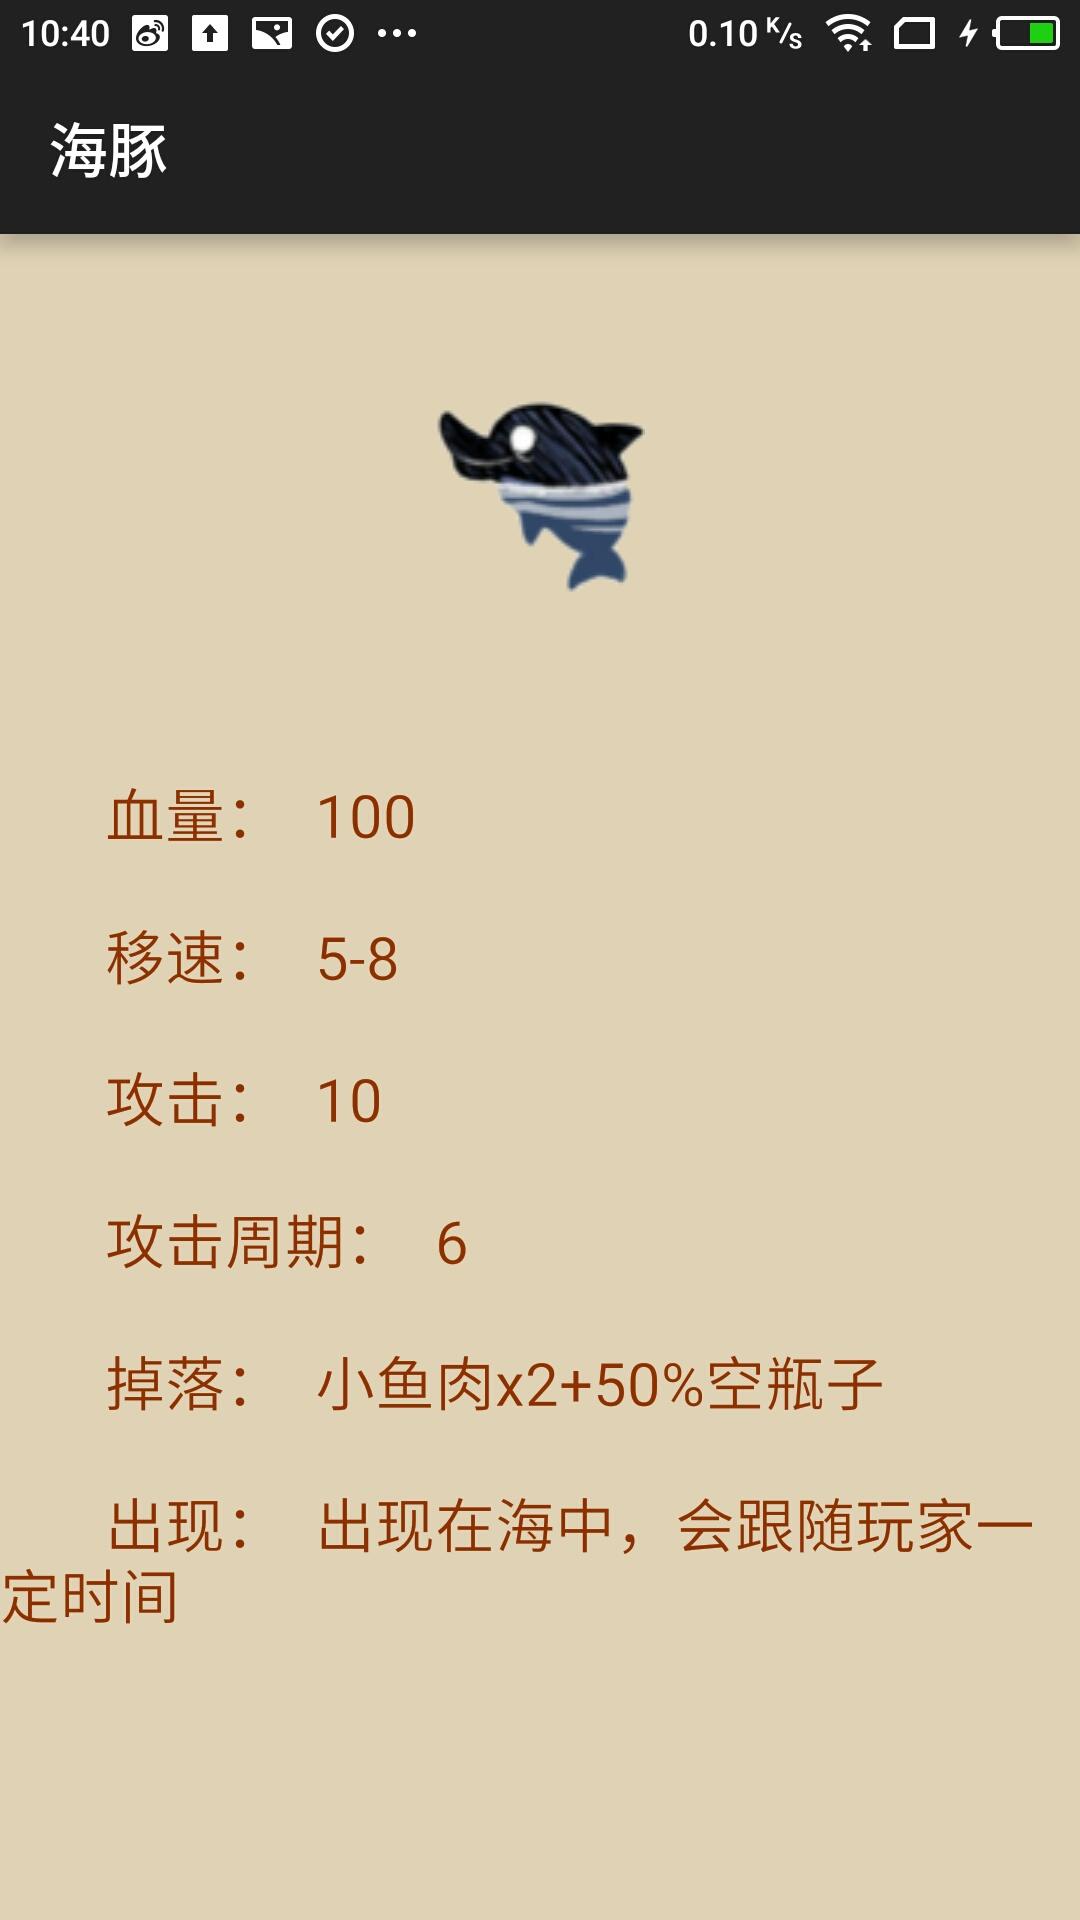 饥荒海难百科 v1.0图